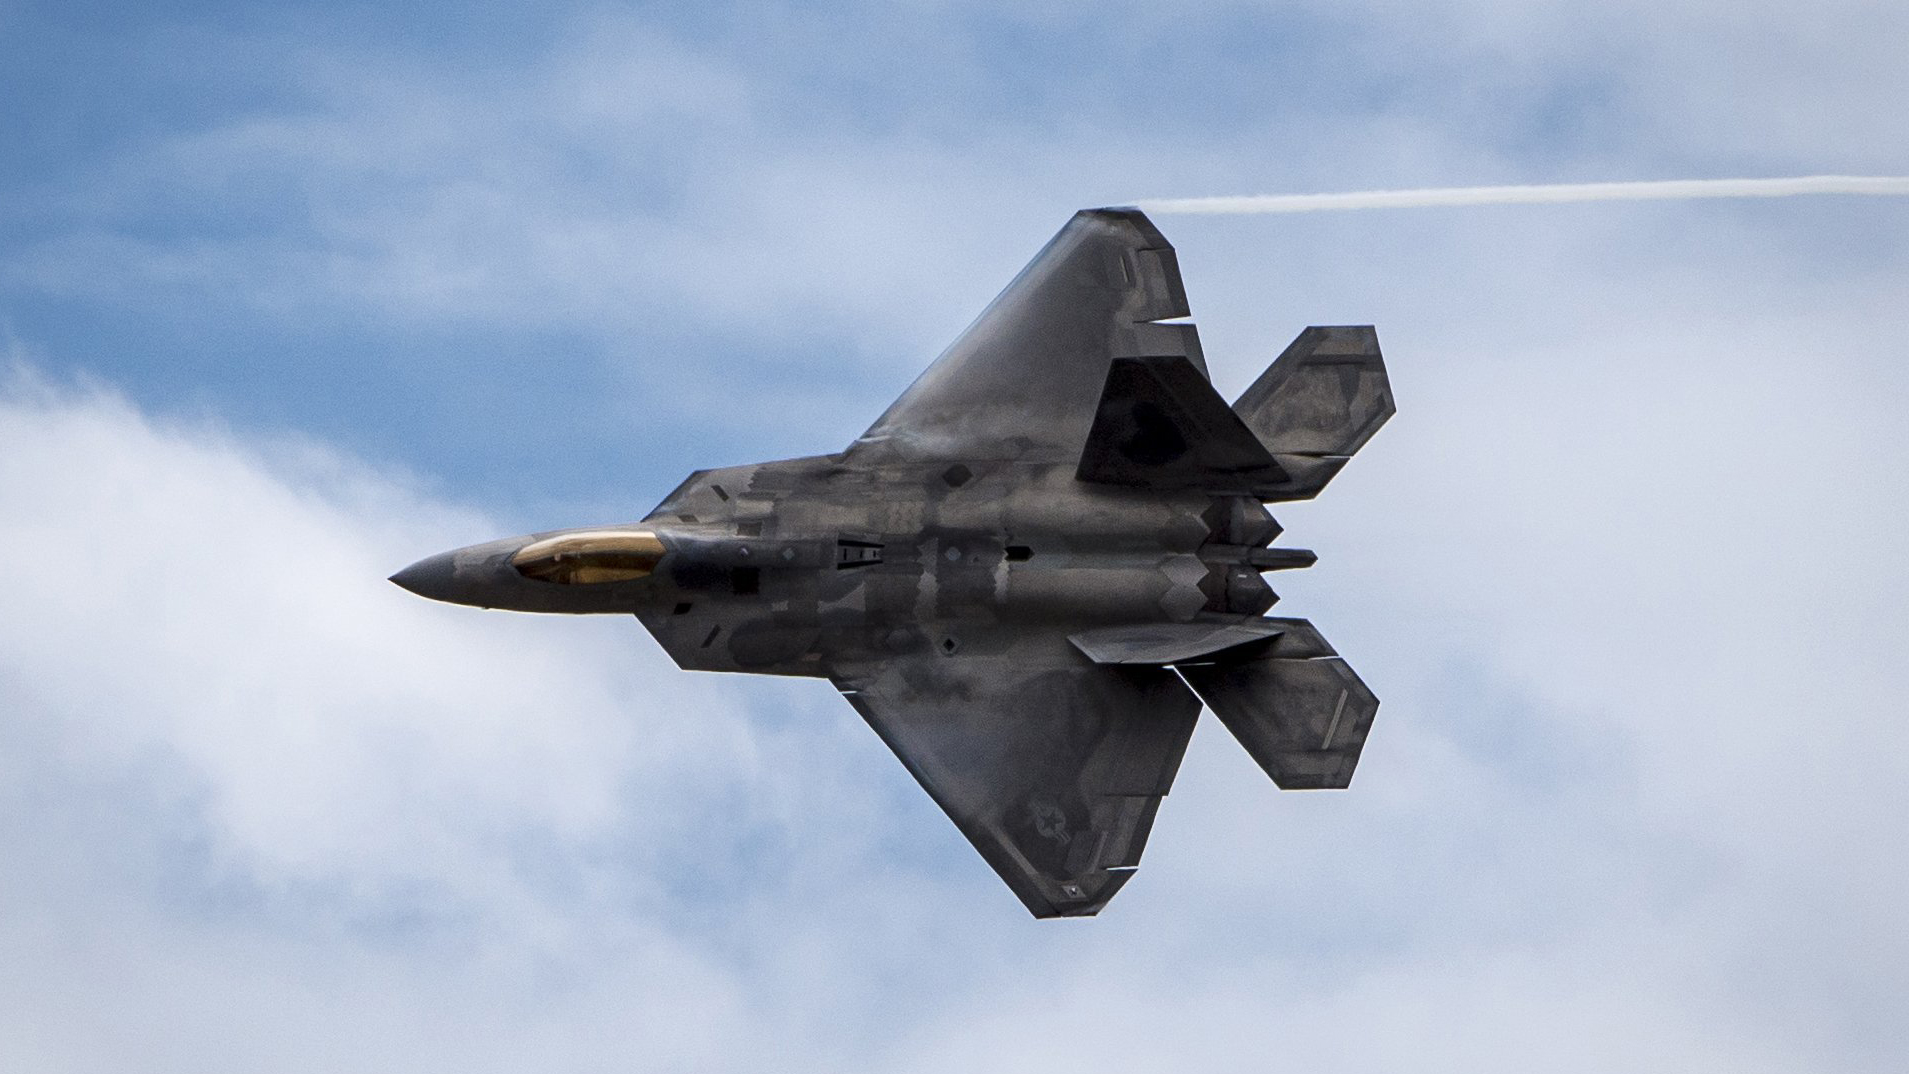 F-22 Raptor fighter_1513286775108.jpg-159532.jpg26873121